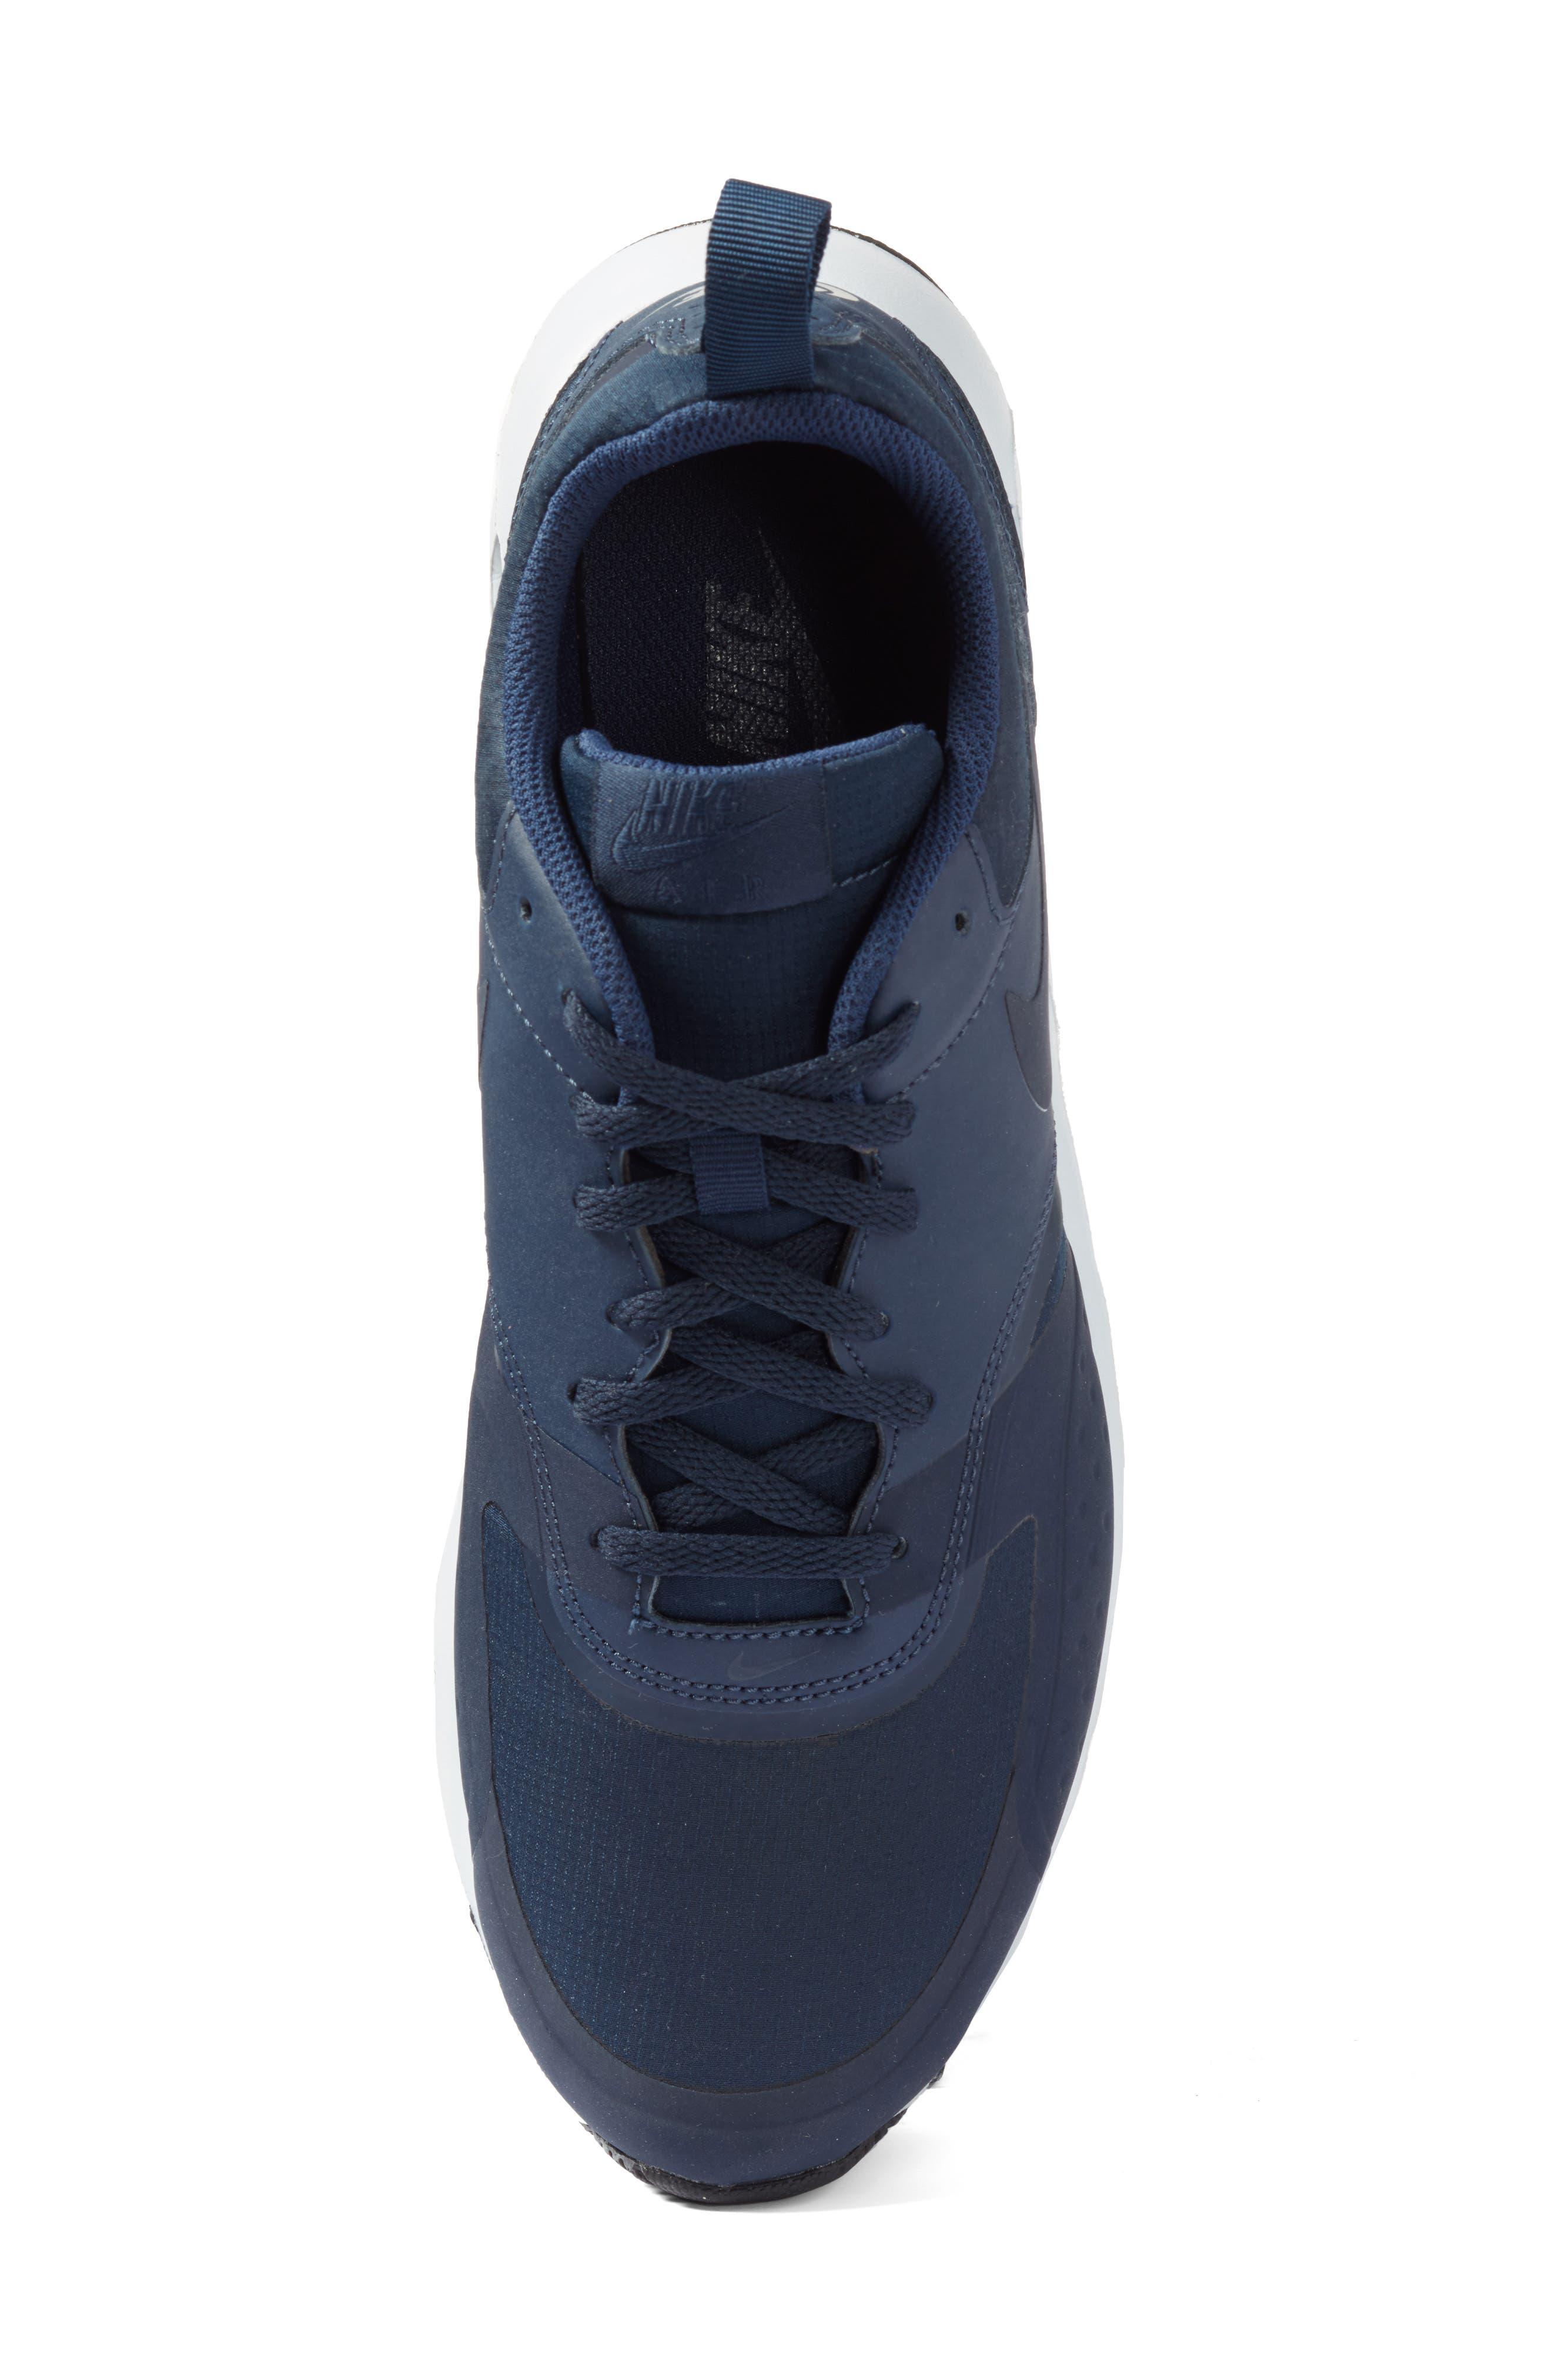 Air Max Vision Premium Sneaker,                             Alternate thumbnail 5, color,                             400